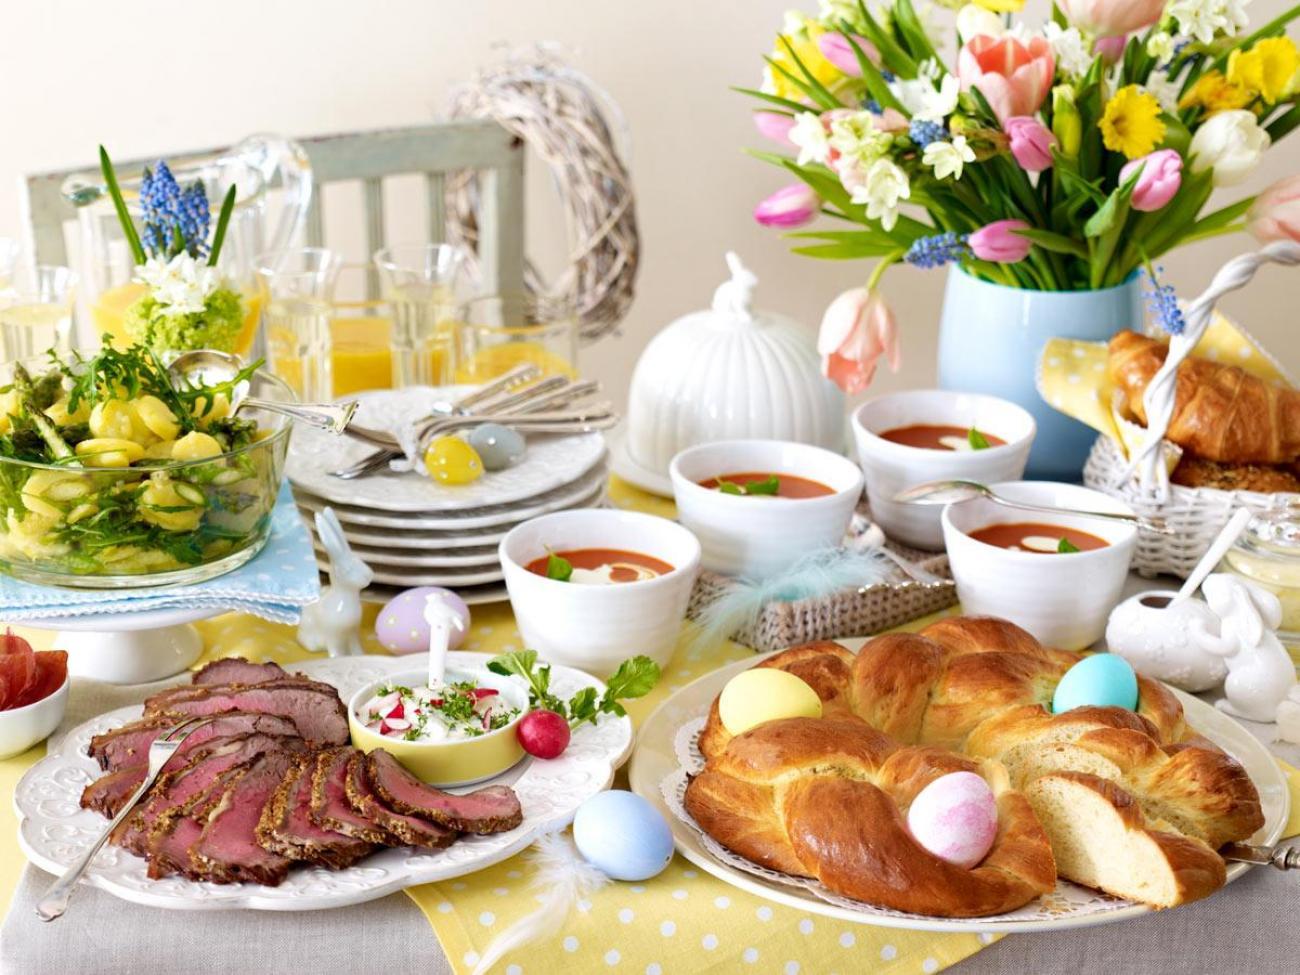 Iz domače kuhinje: Tipična velikonočna pojedina